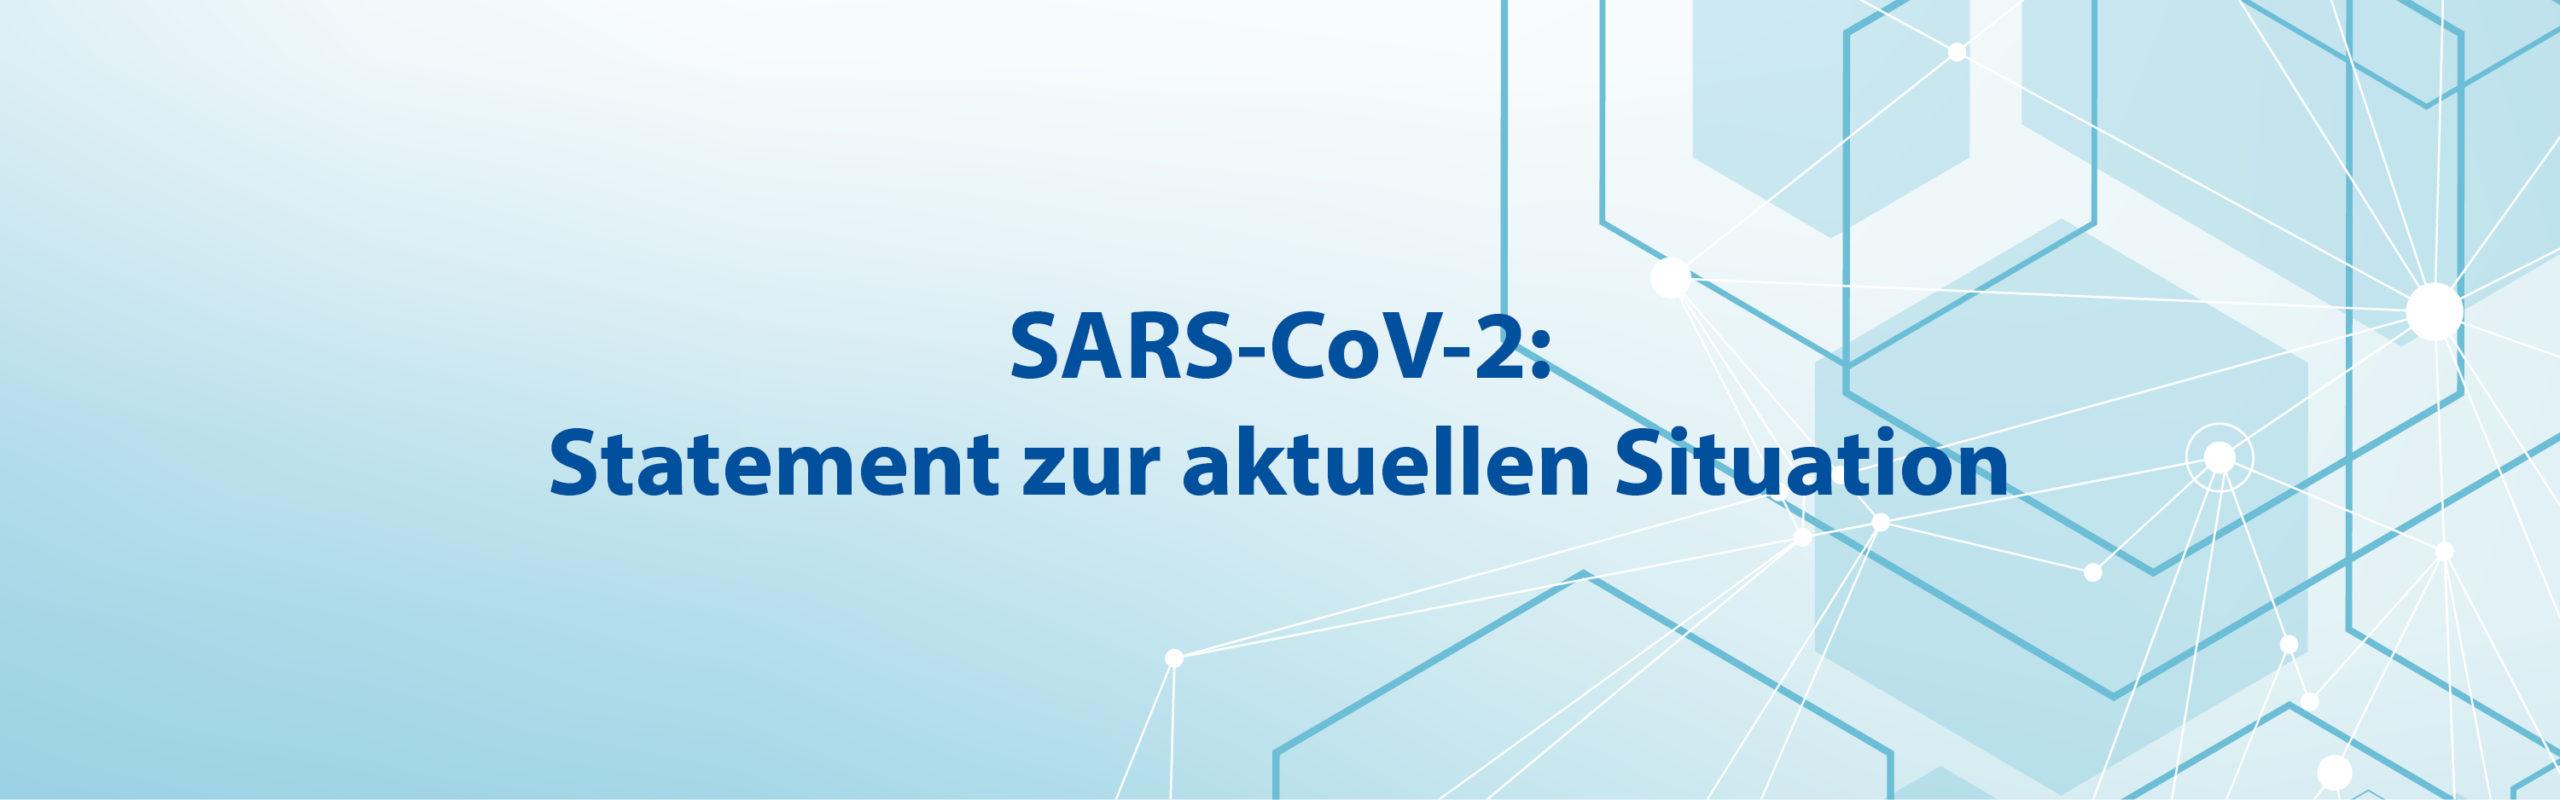 SARS-CoV-2: Statement zur aktuellen Situation